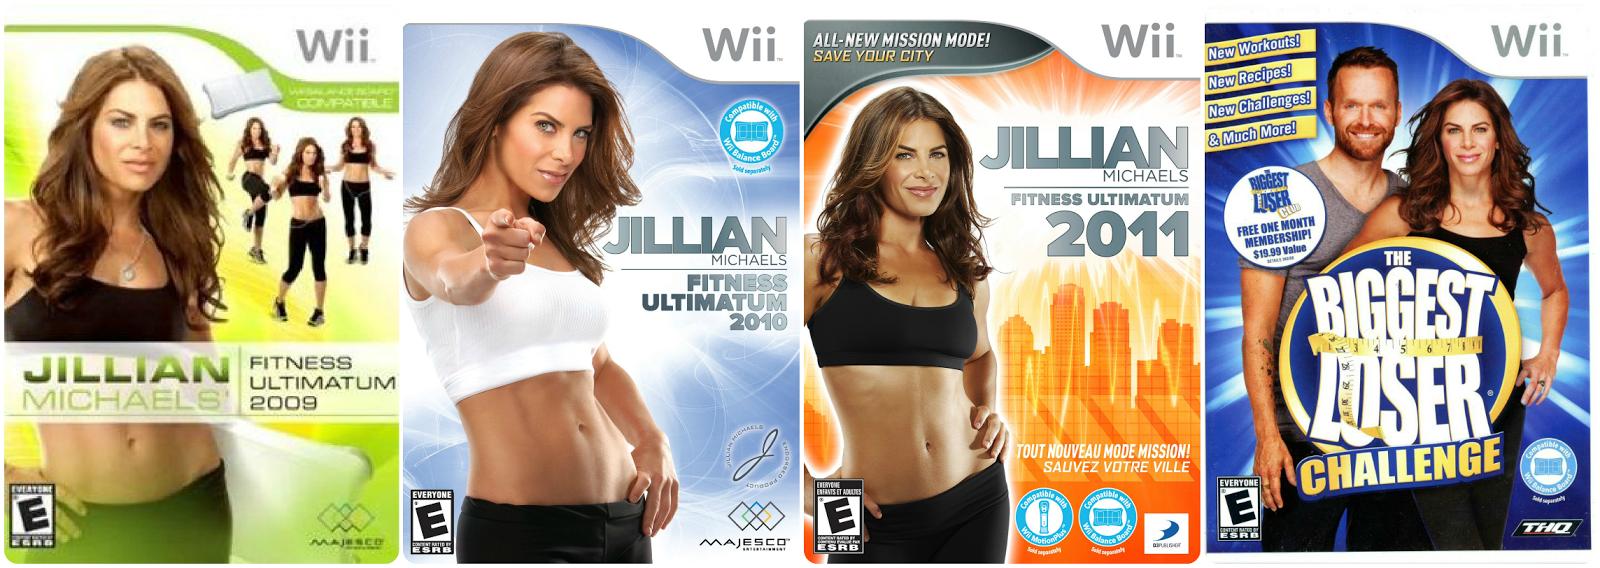 Jillian Michaels games for Wii  / L-vi.com